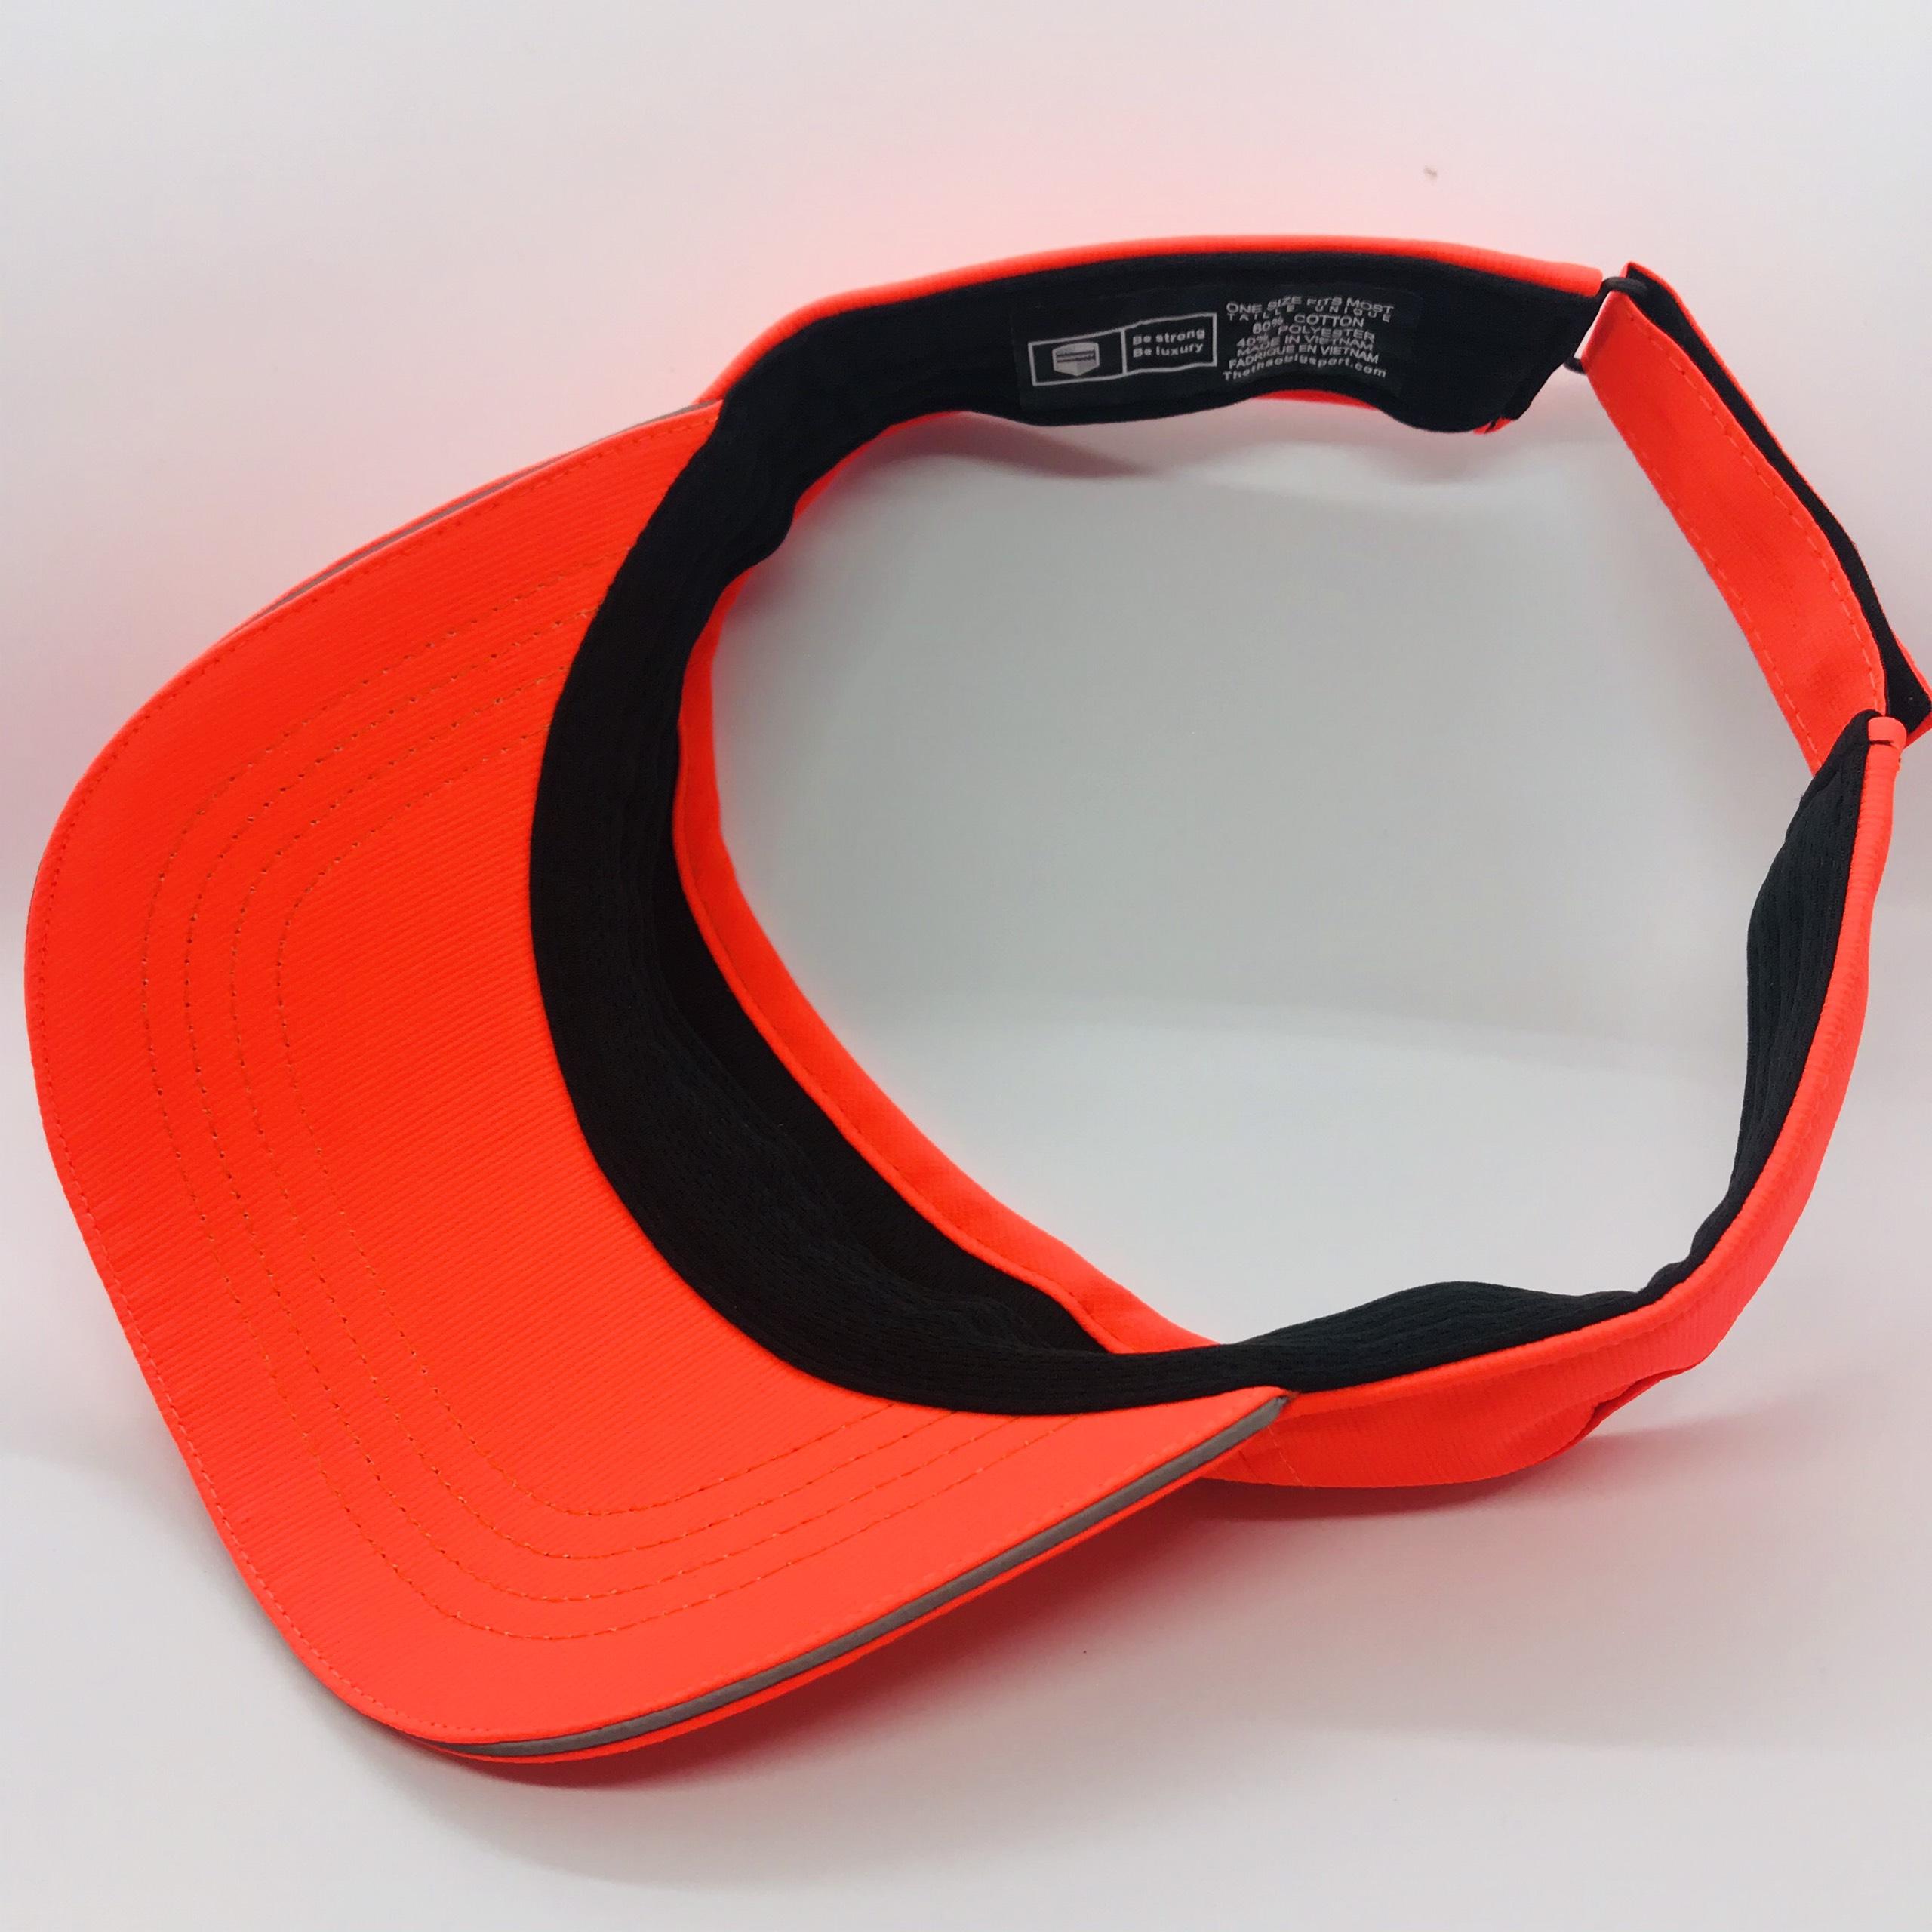 Nón Lưỡi Trai Nửa Đầu Thể Thao  Màu Cam Cao Cấp Big Sport